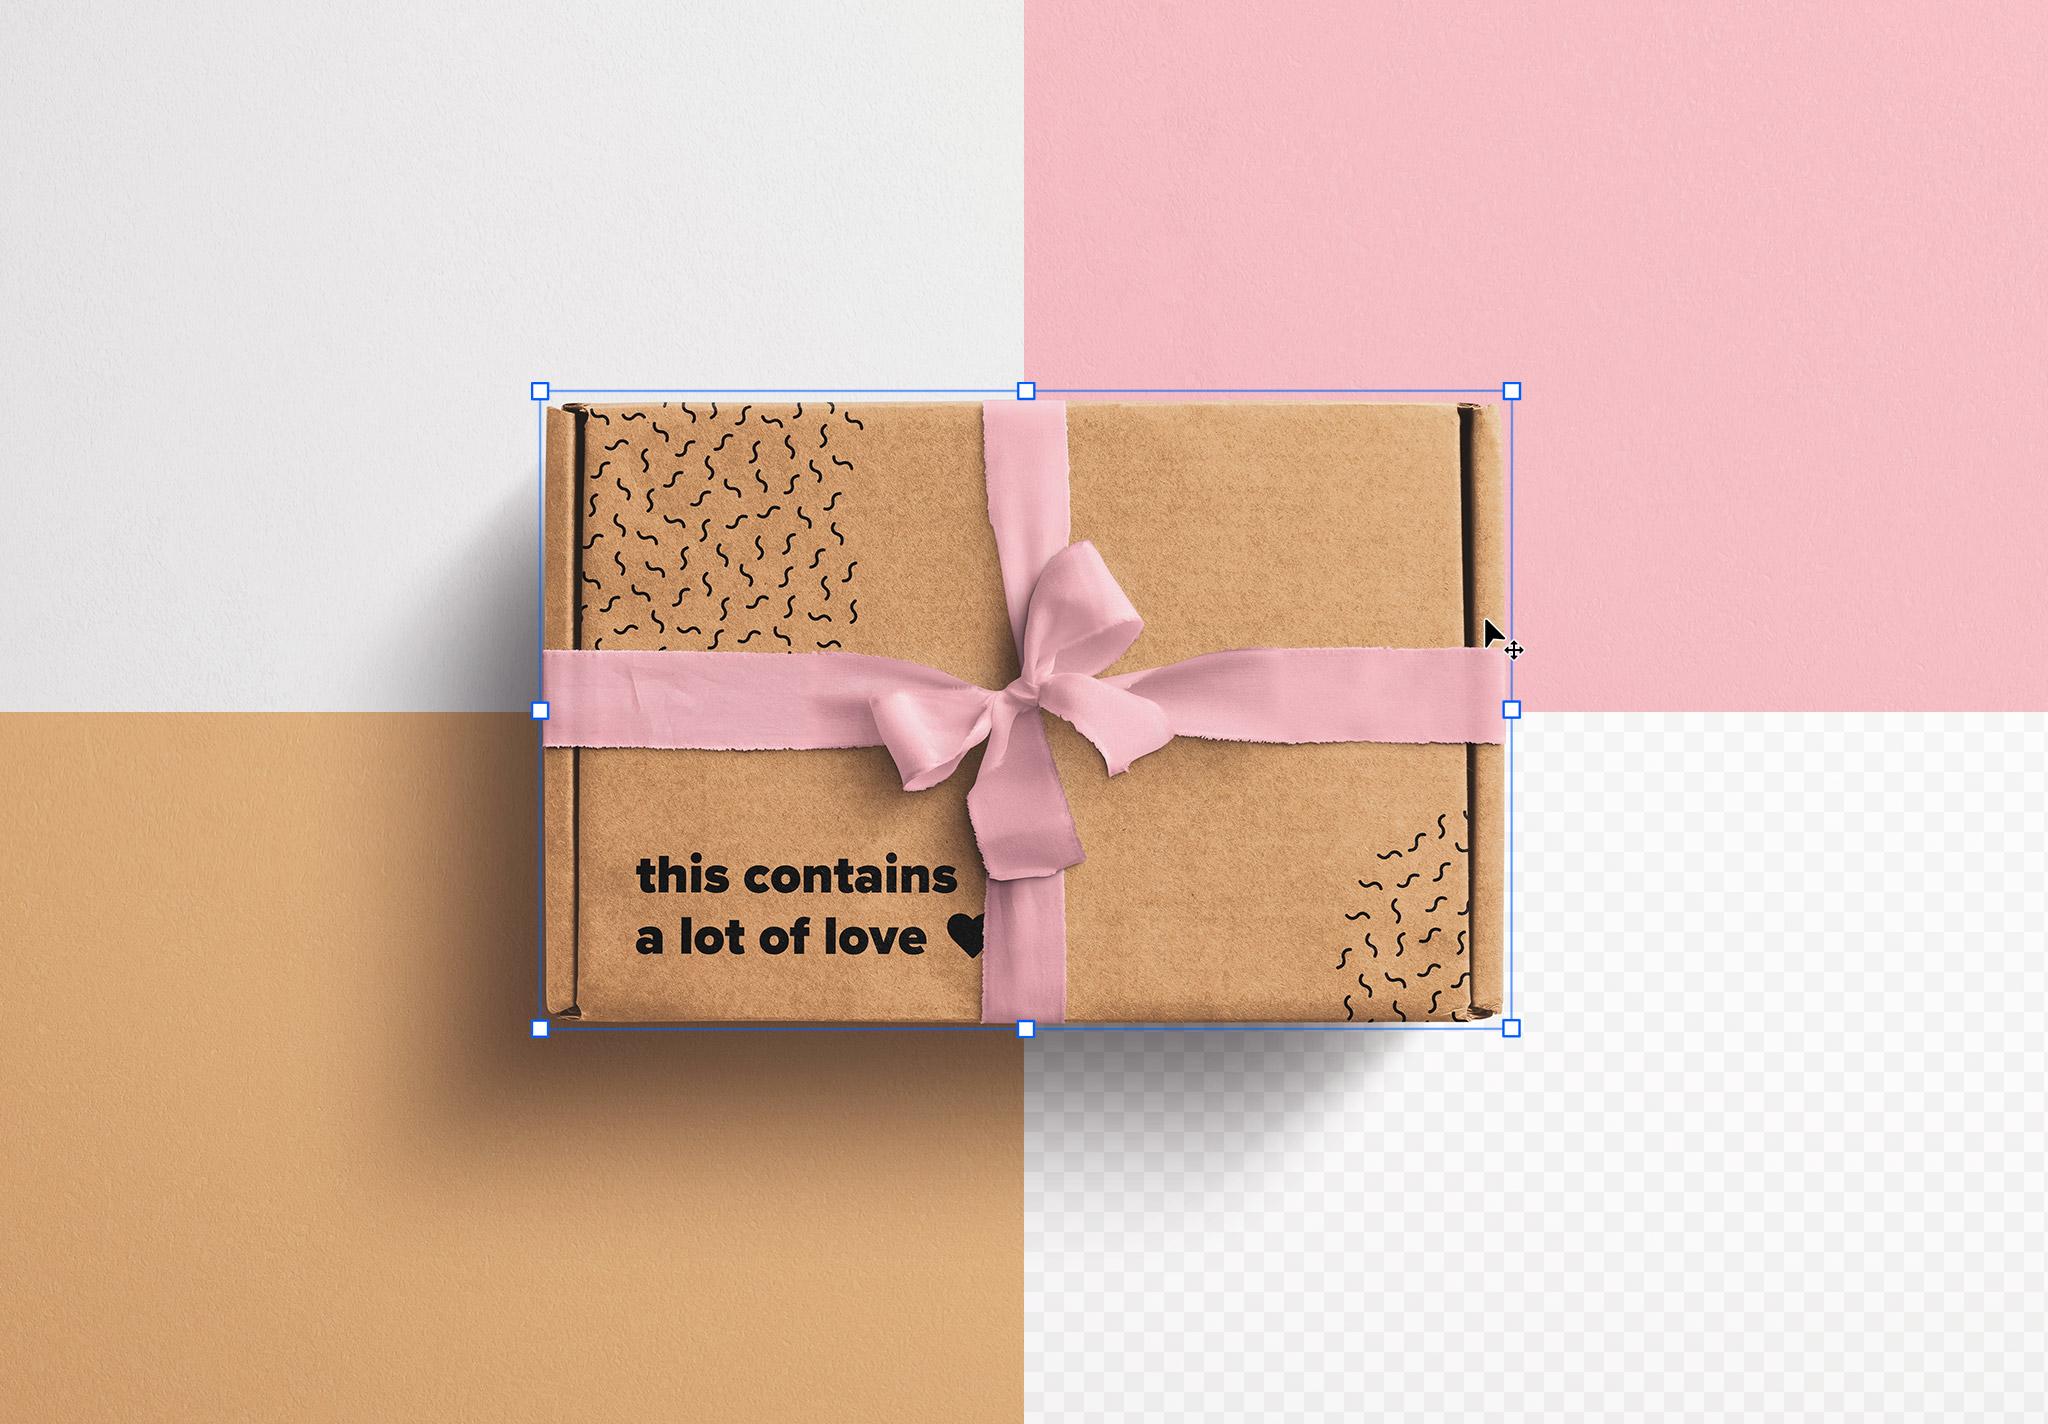 Postal Box with Bow and Ribbons Mockup 2 image02